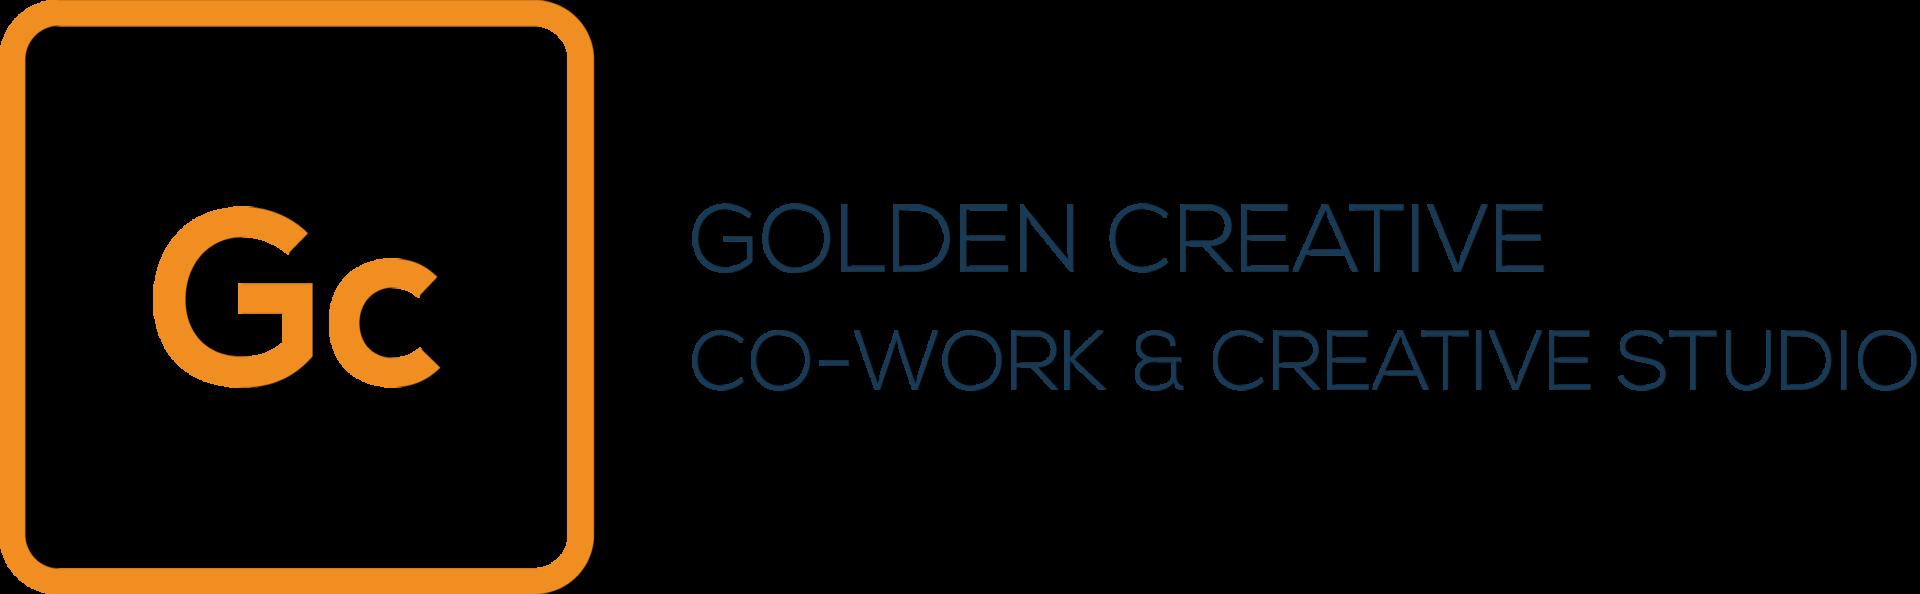 Golden Creative: Co-Work & Creative Studio